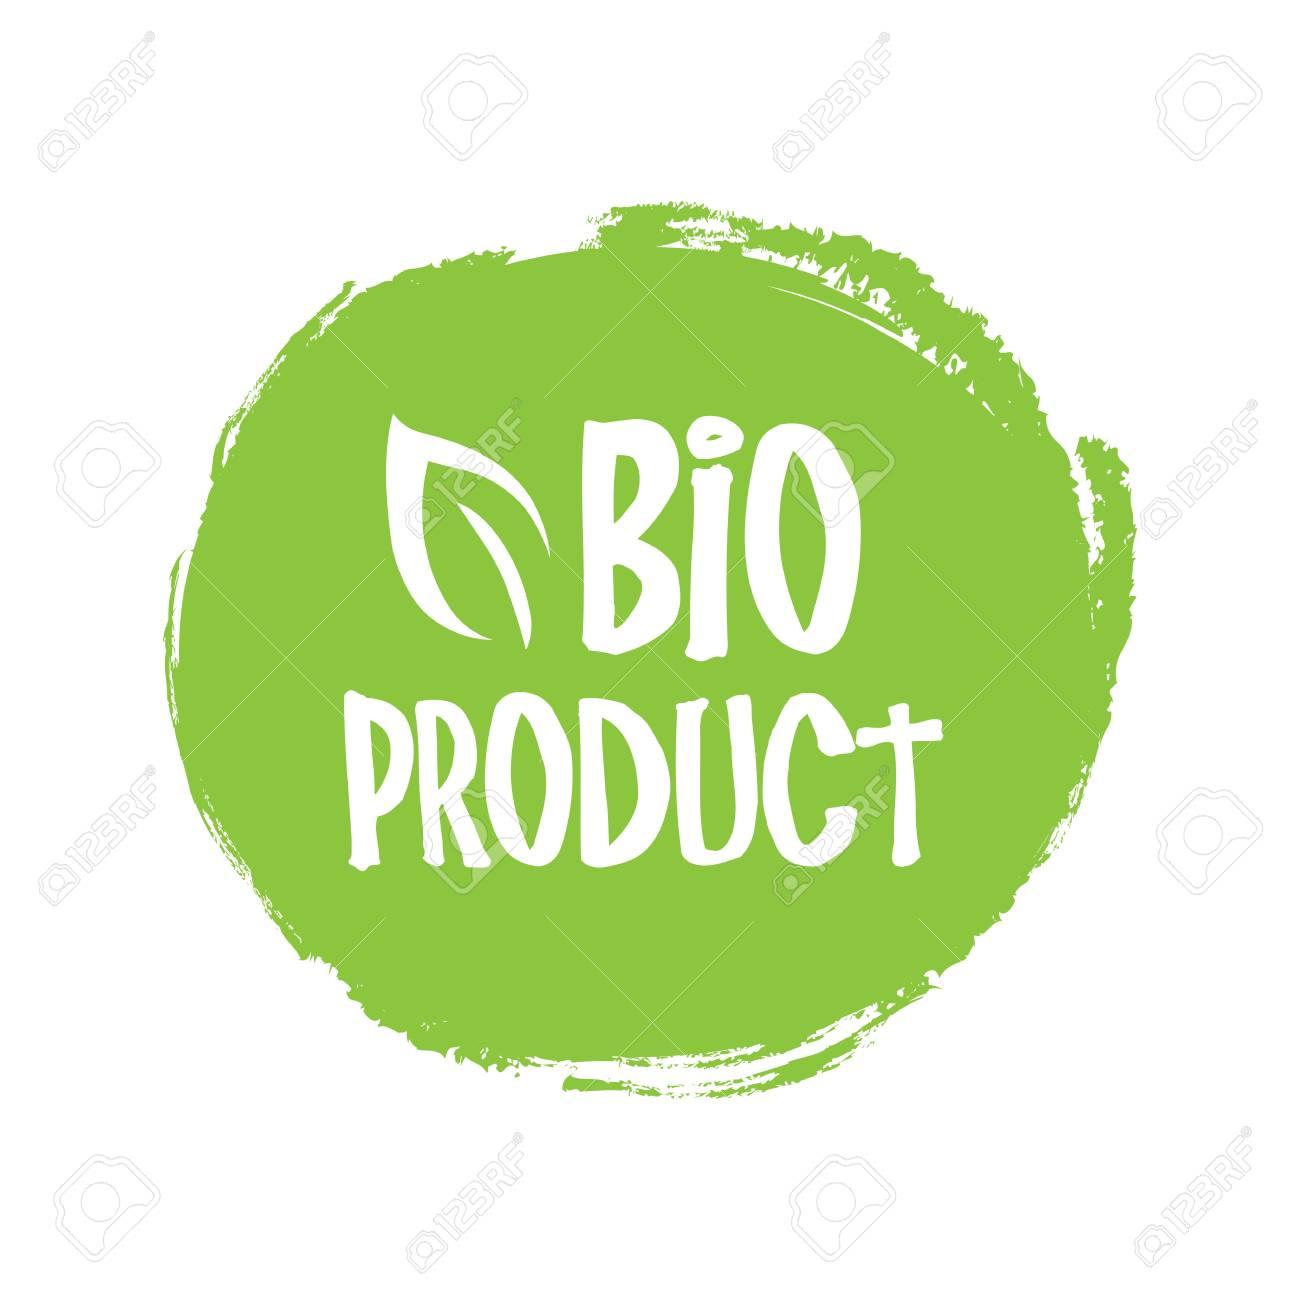 Análisis de Bioproductos, 3D